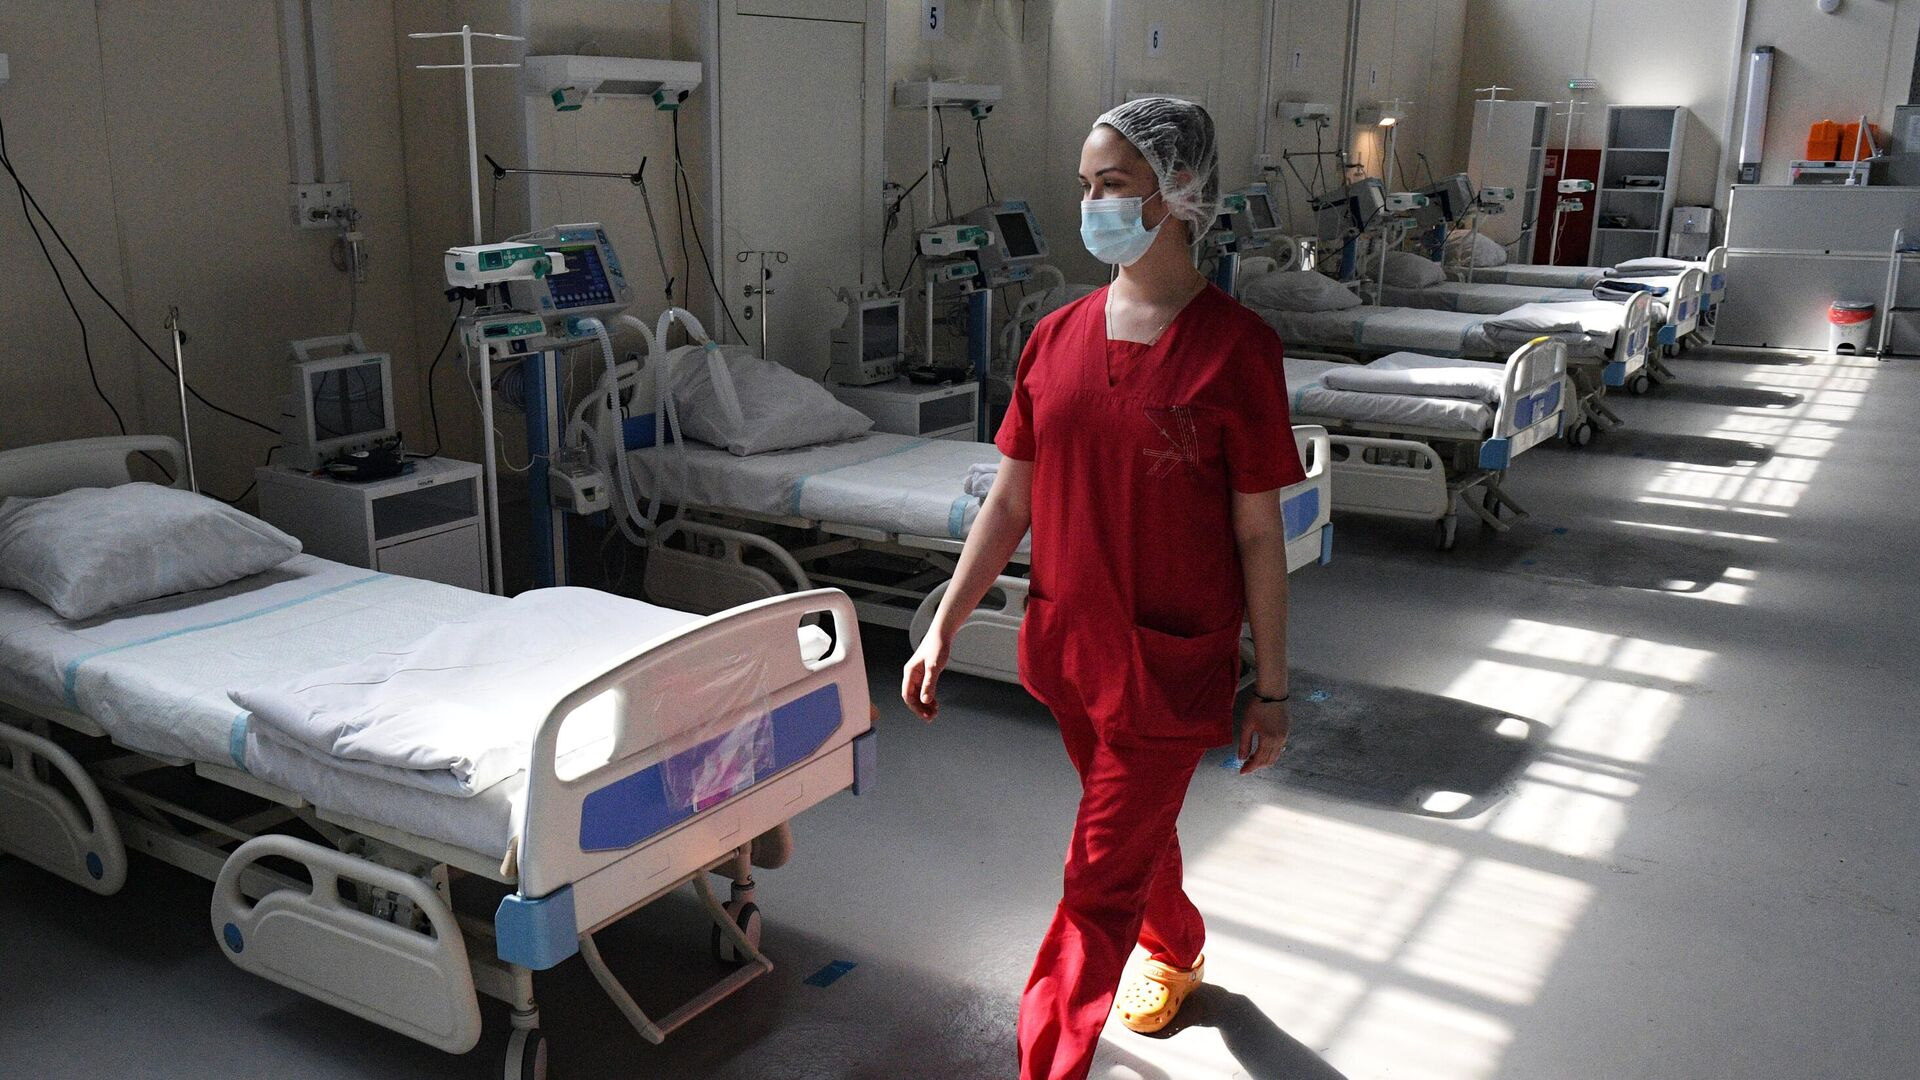 Медицинский работник в отделении реанимации и интенсивной терапии в госпитале Ленэкспо в Санкт-Петербурге - РИА Новости, 1920, 15.06.2021